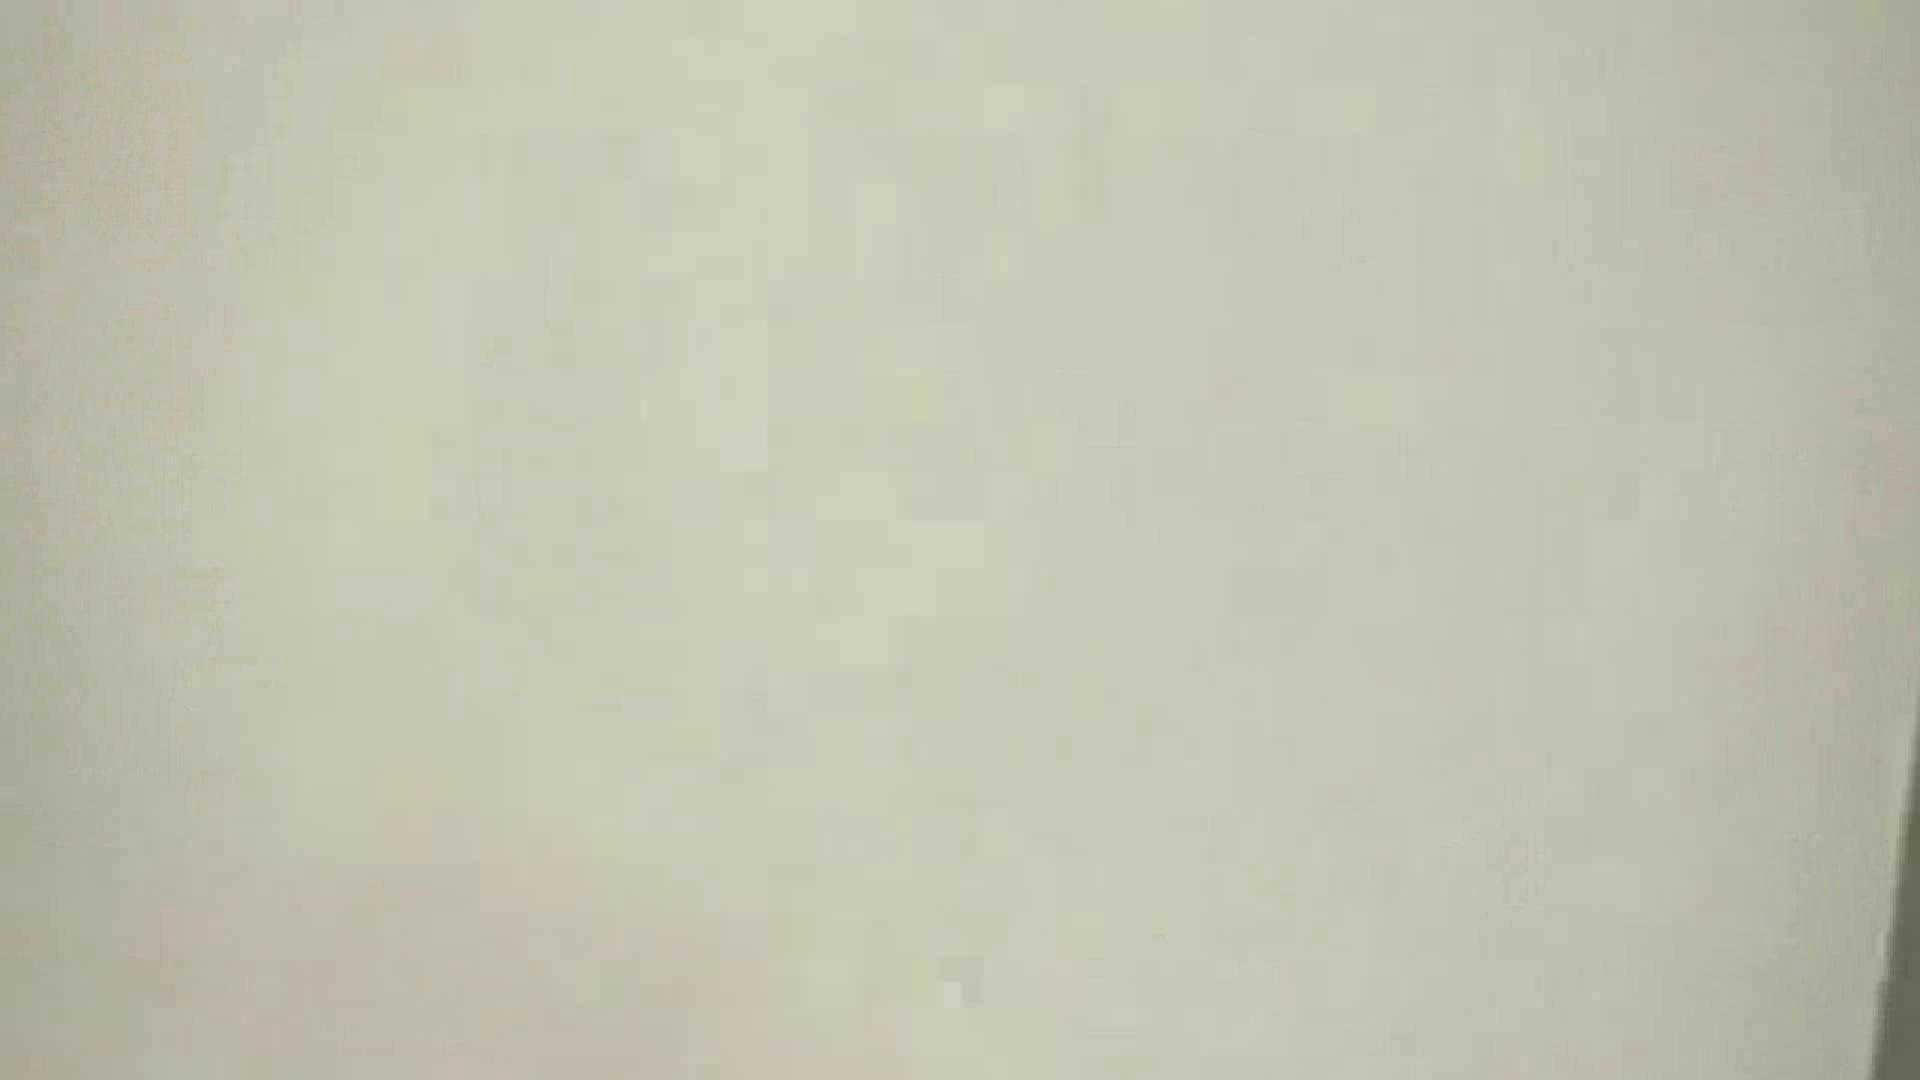 ロックハンドさんの盗撮記録File.74 厠・・・ アダルト動画キャプチャ 106PIX 20